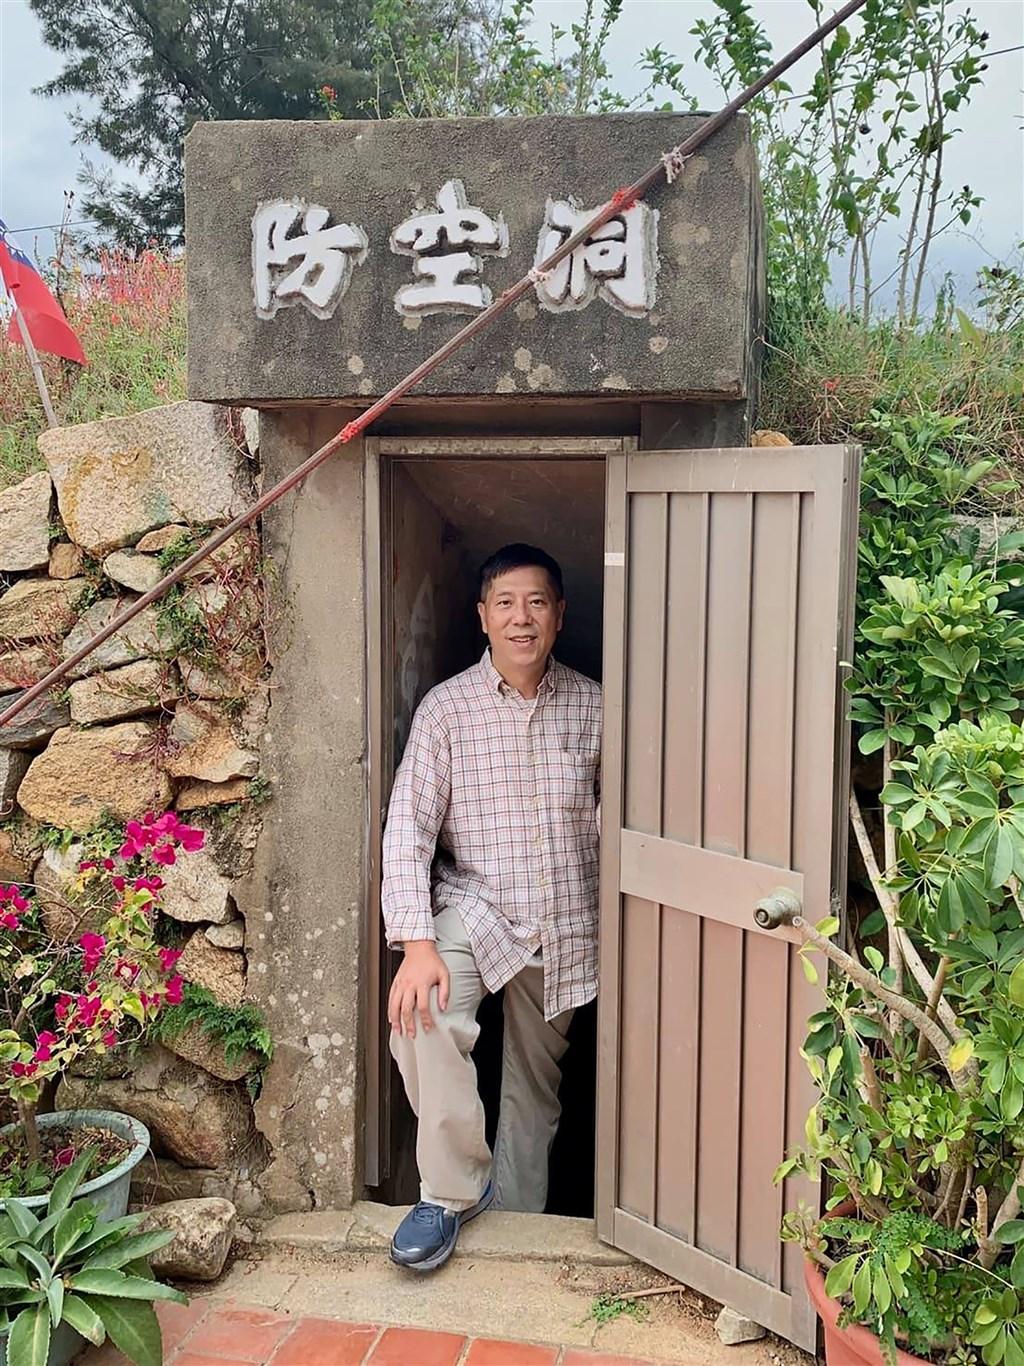 身為有中國生活經驗的「台灣川粉」,汪浩肯定美國總統川普敵友分明、非典型作風挑戰國際政治常見的虛偽,這對台灣有利。(汪浩提供)中央社記者陳韻聿傳真 109年10月25日